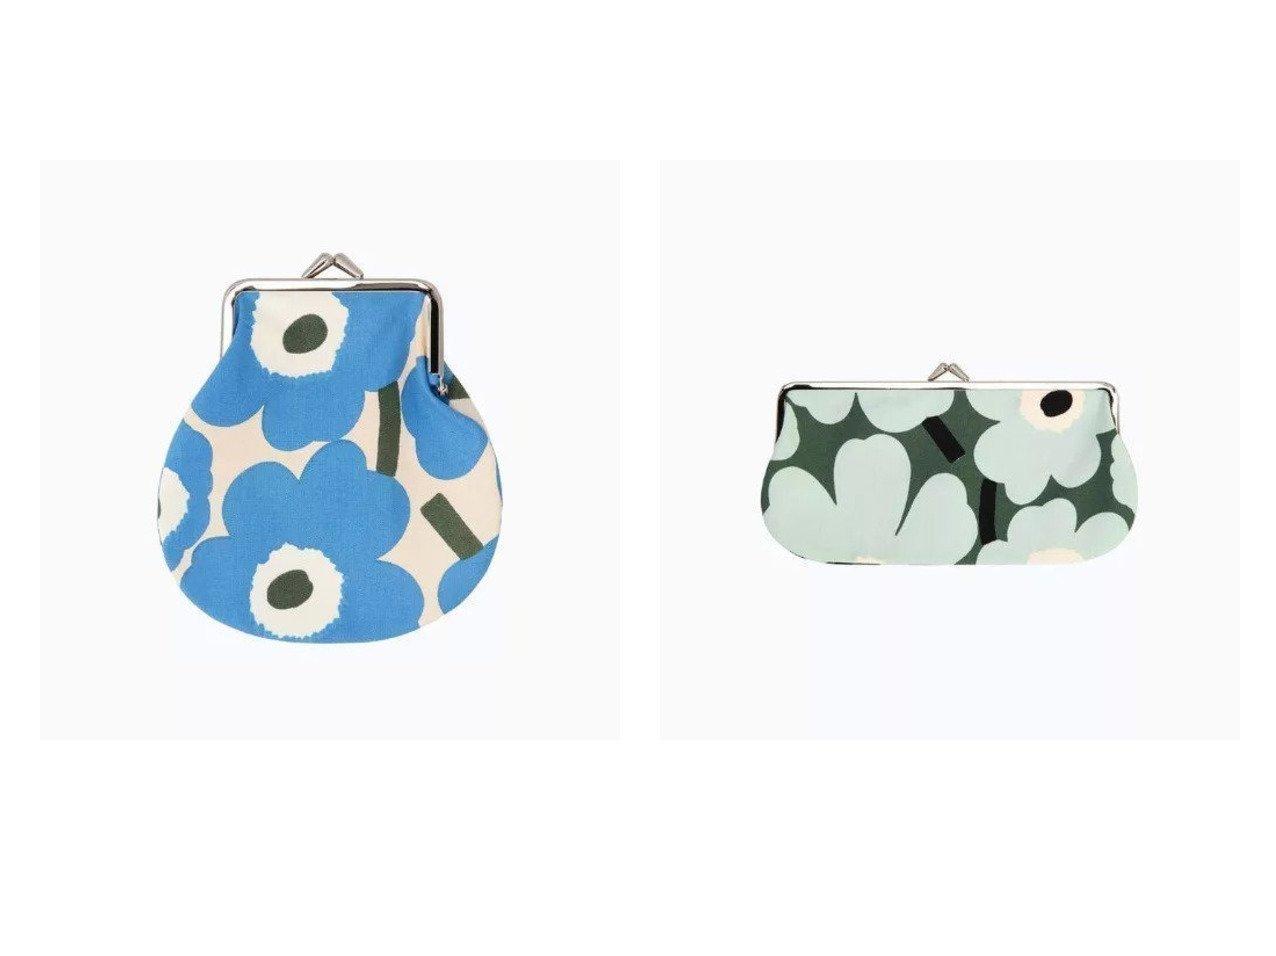 【marimekko/マリメッコ】のPieni Kukkaro Mini Unikko がま口ポーチ&Silmalasi Kukkaro Mini Unikko がま口ポーチ おすすめ!人気、トレンド・レディースファッションの通販 おすすめで人気の流行・トレンド、ファッションの通販商品 メンズファッション・キッズファッション・インテリア・家具・レディースファッション・服の通販 founy(ファニー) https://founy.com/ ファッション Fashion レディースファッション WOMEN ポーチ Pouches おすすめ Recommend フォルム ポーチ モチーフ |ID:crp329100000035906